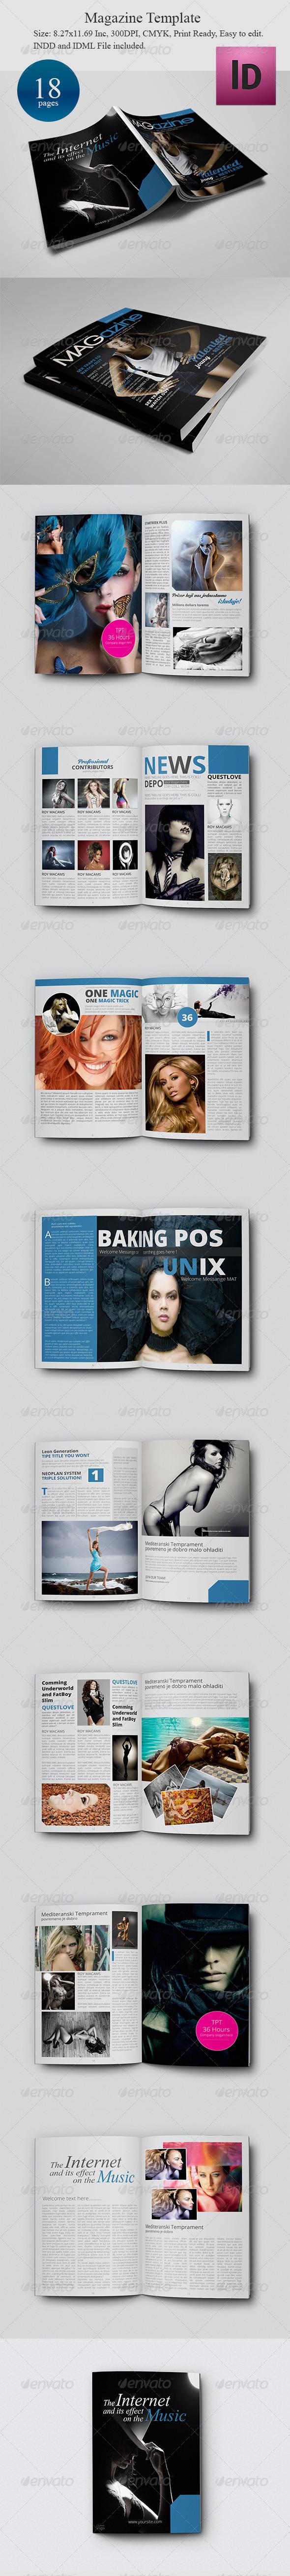 Premium Magazine Template - Magazines Print Templates